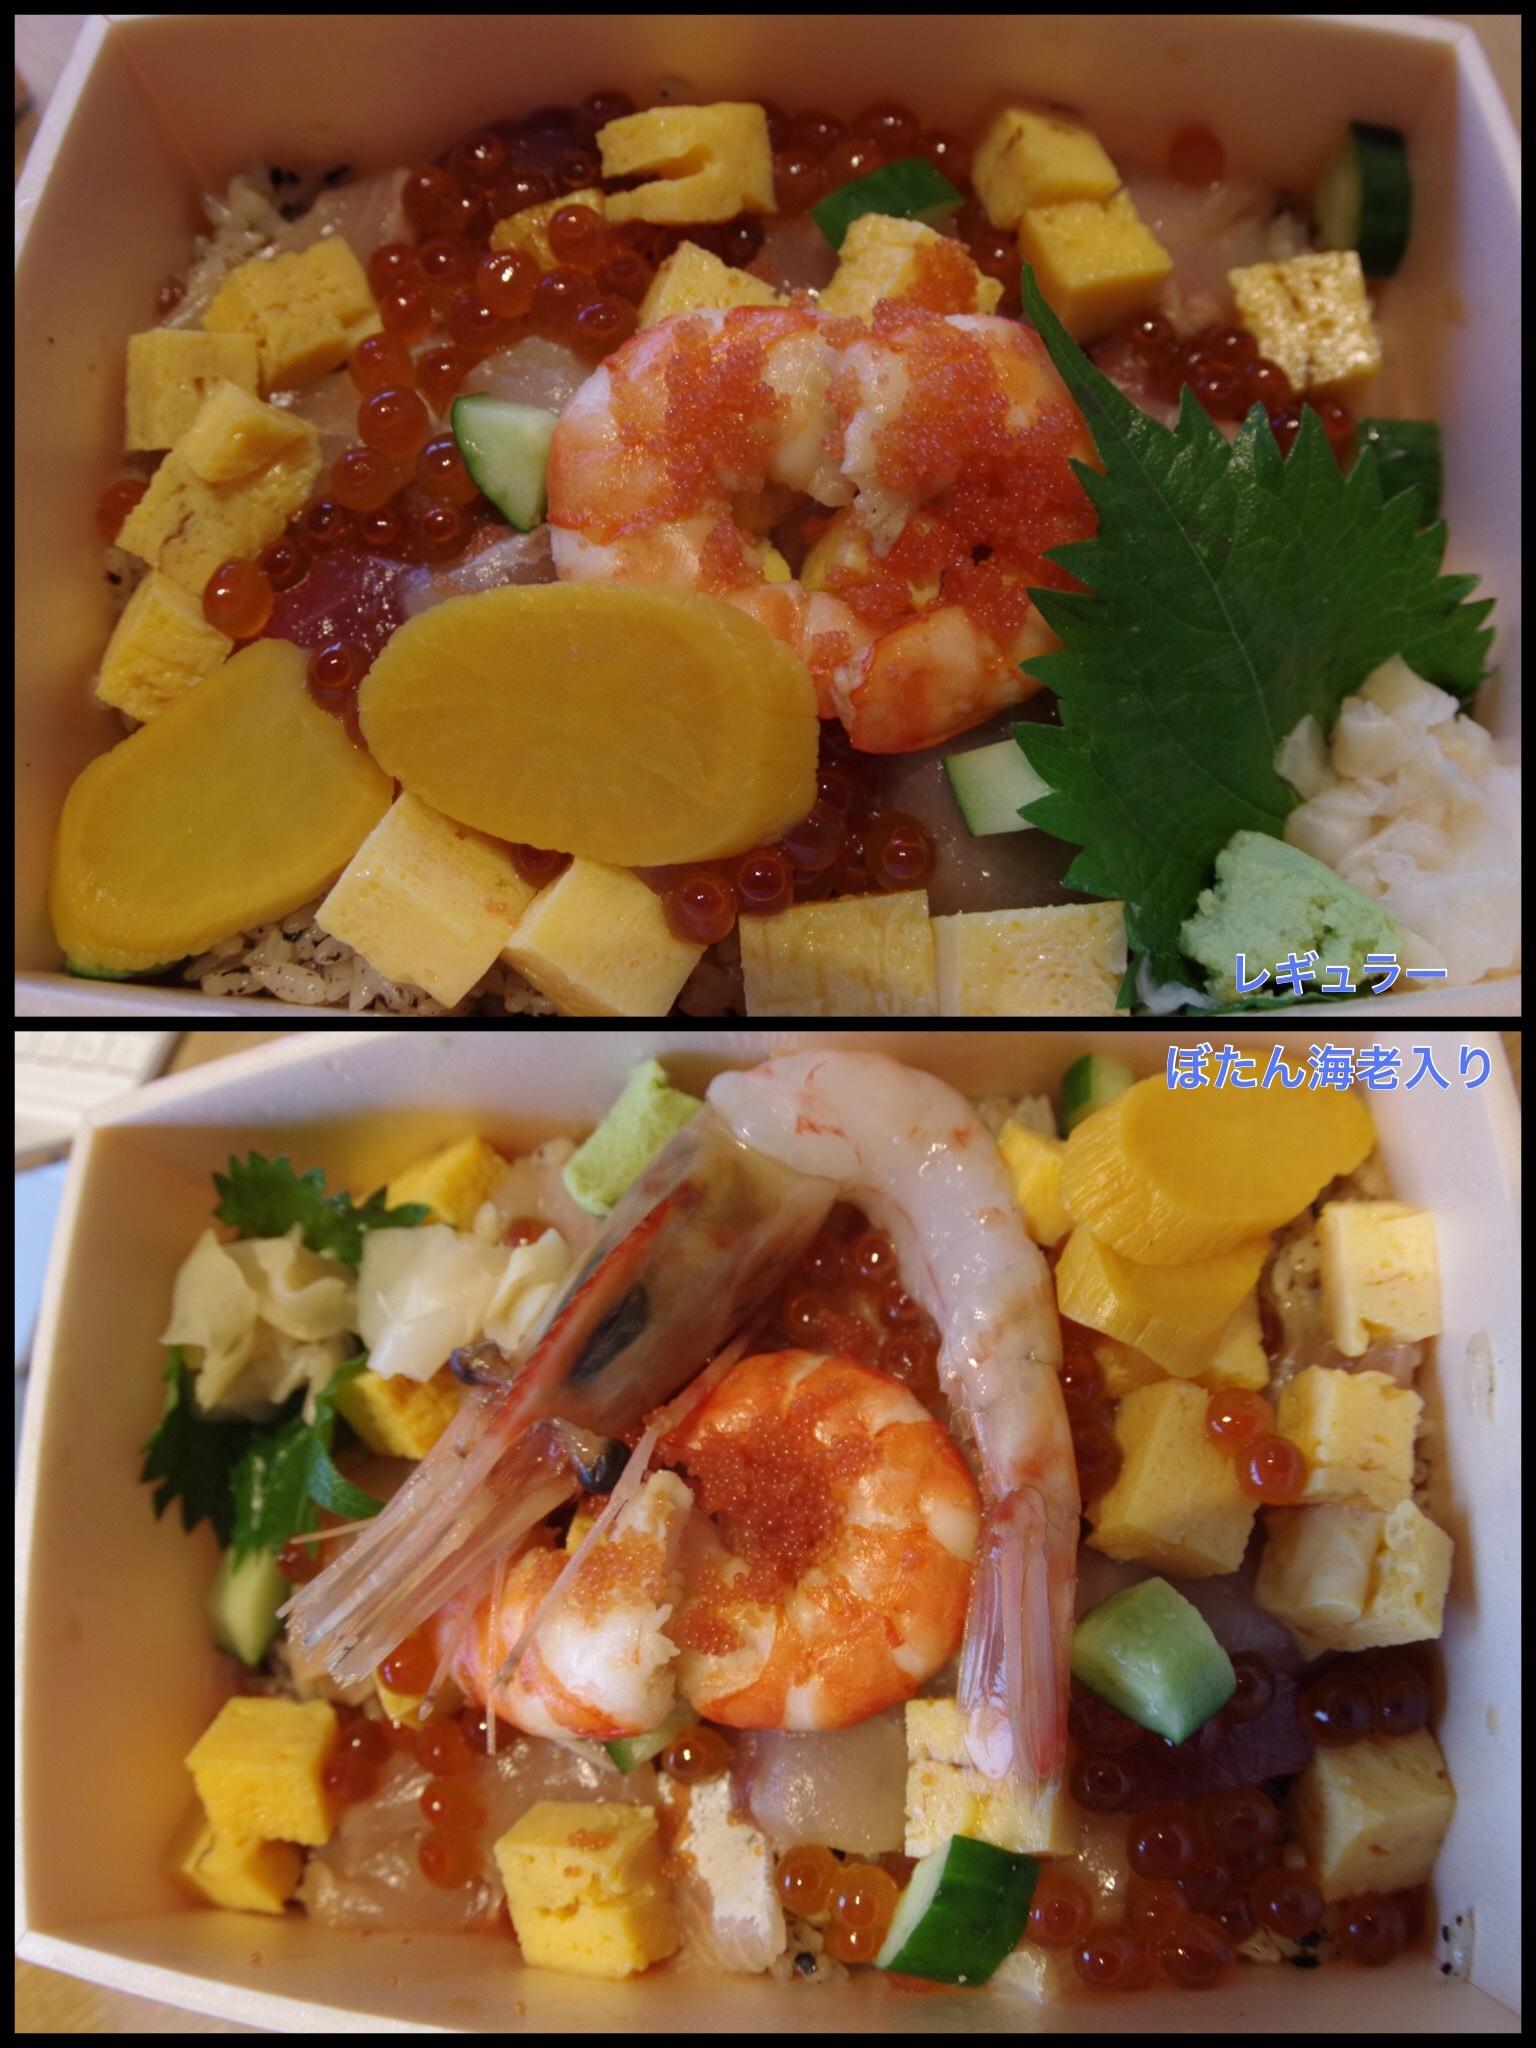 熱海 ちらし寿司 おまぜ 和味逸品 テイクアウト